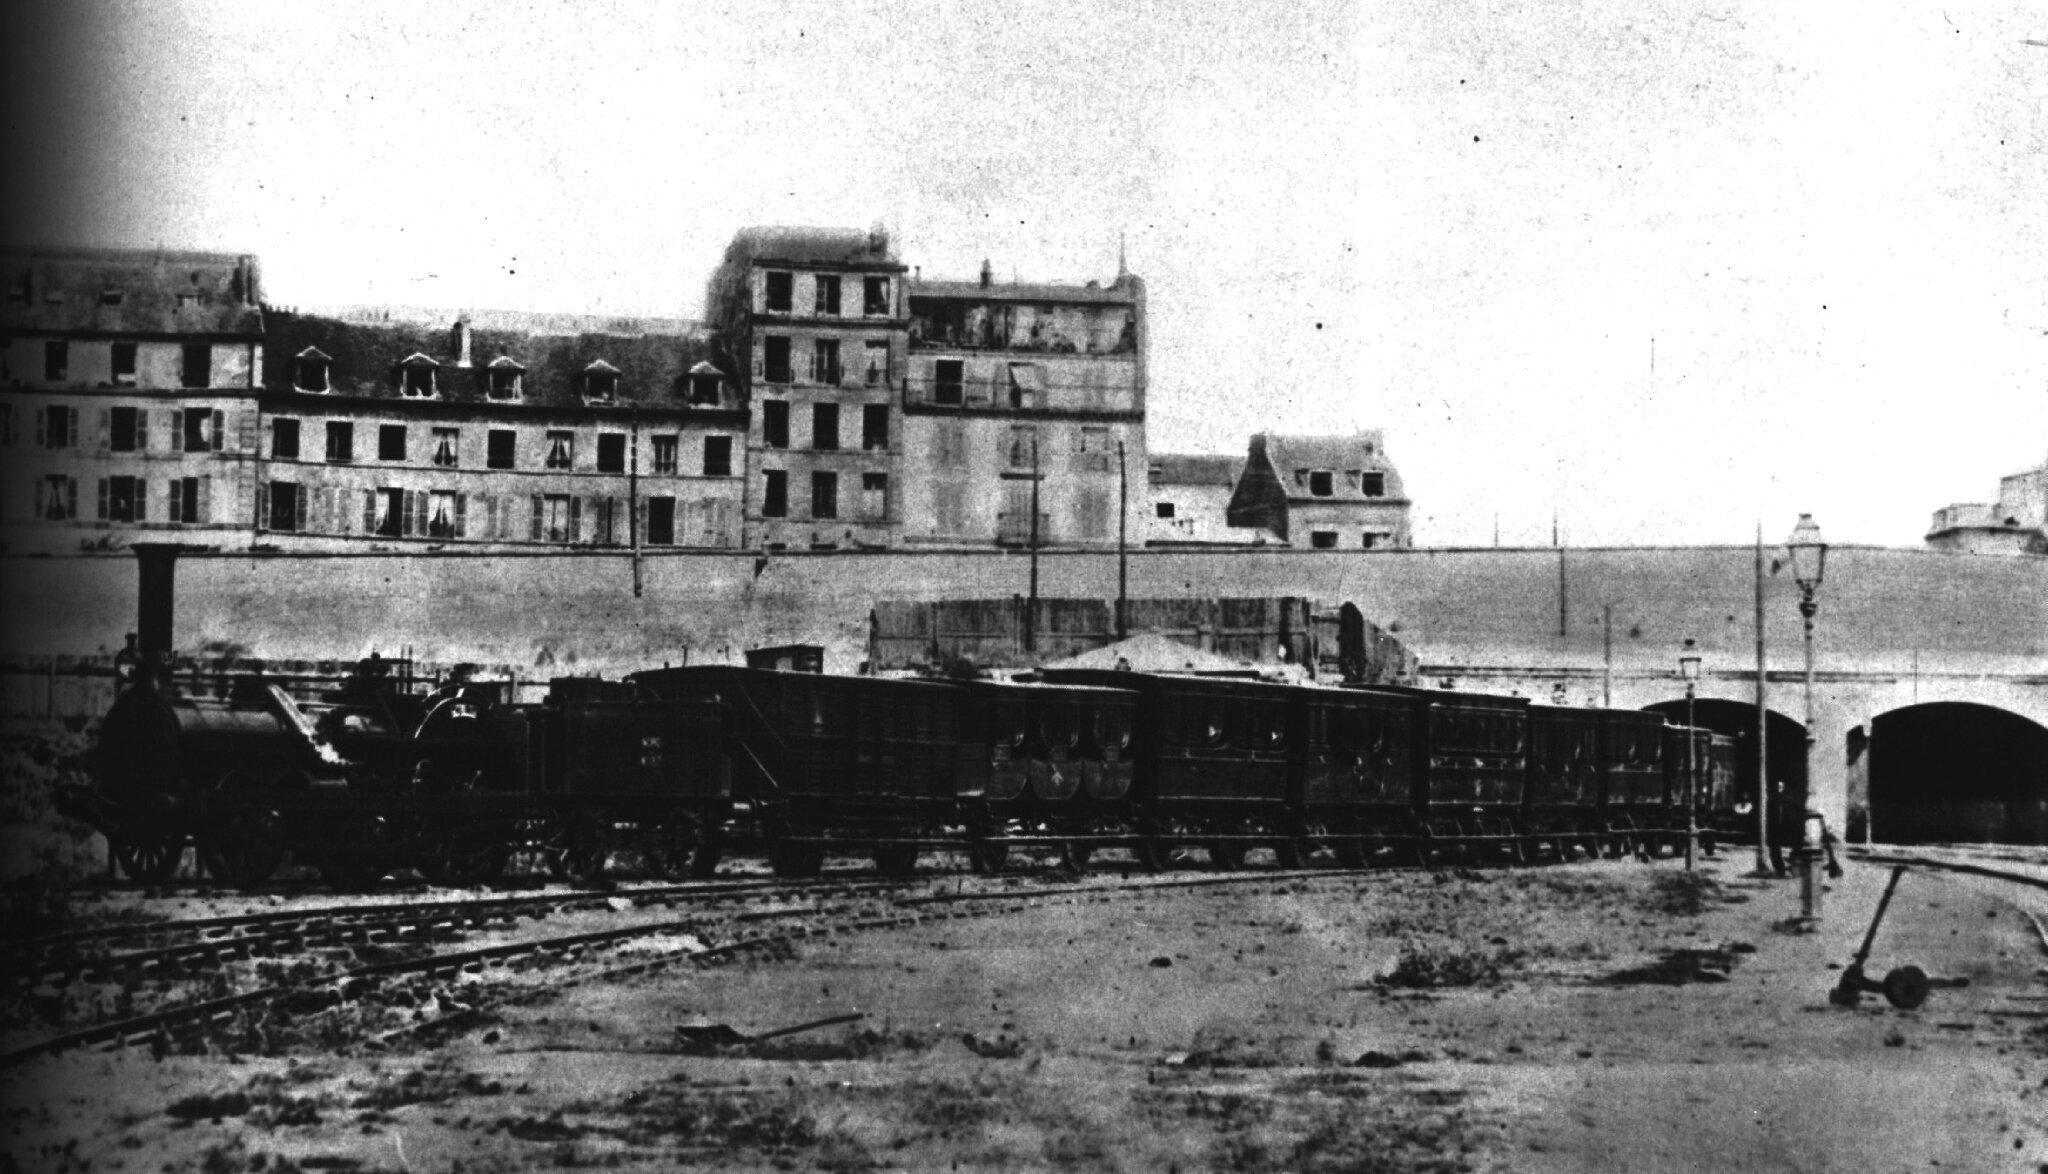 1853 Le train impérial près de la gare du Nord, locomotive Crampton n° 137